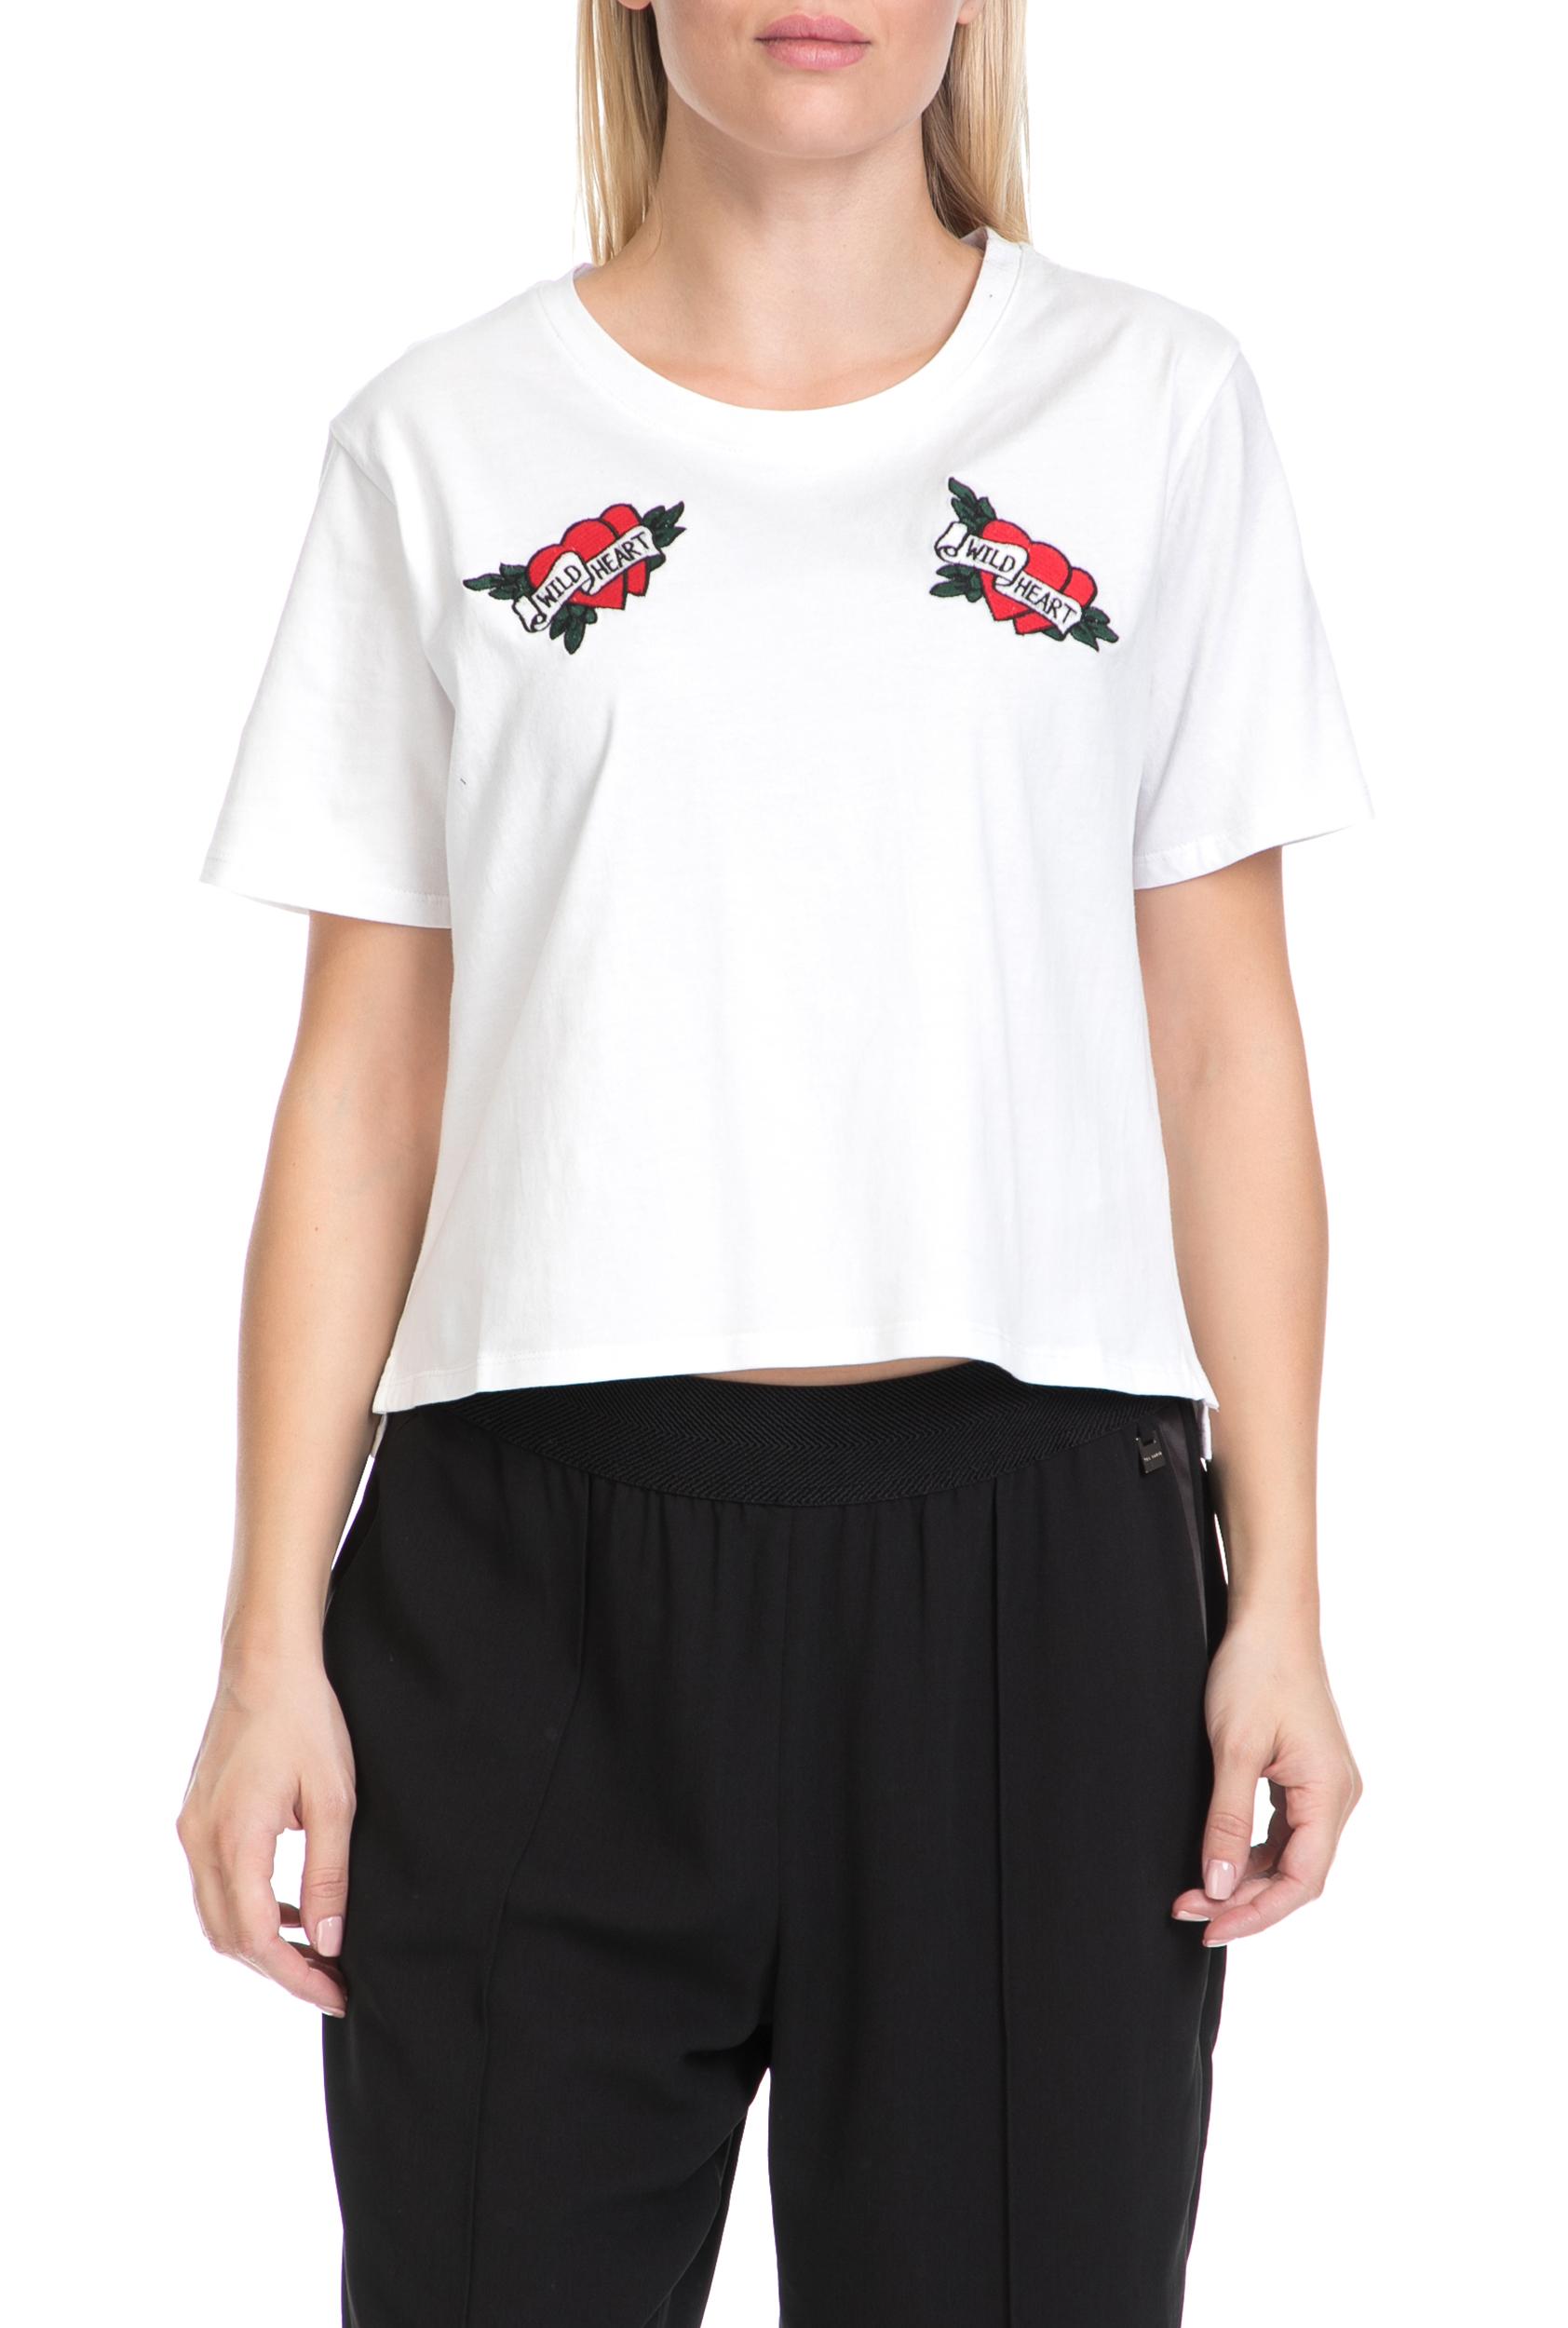 GUESS - Γυναικείες Μπλούζες  d2568eabc6b